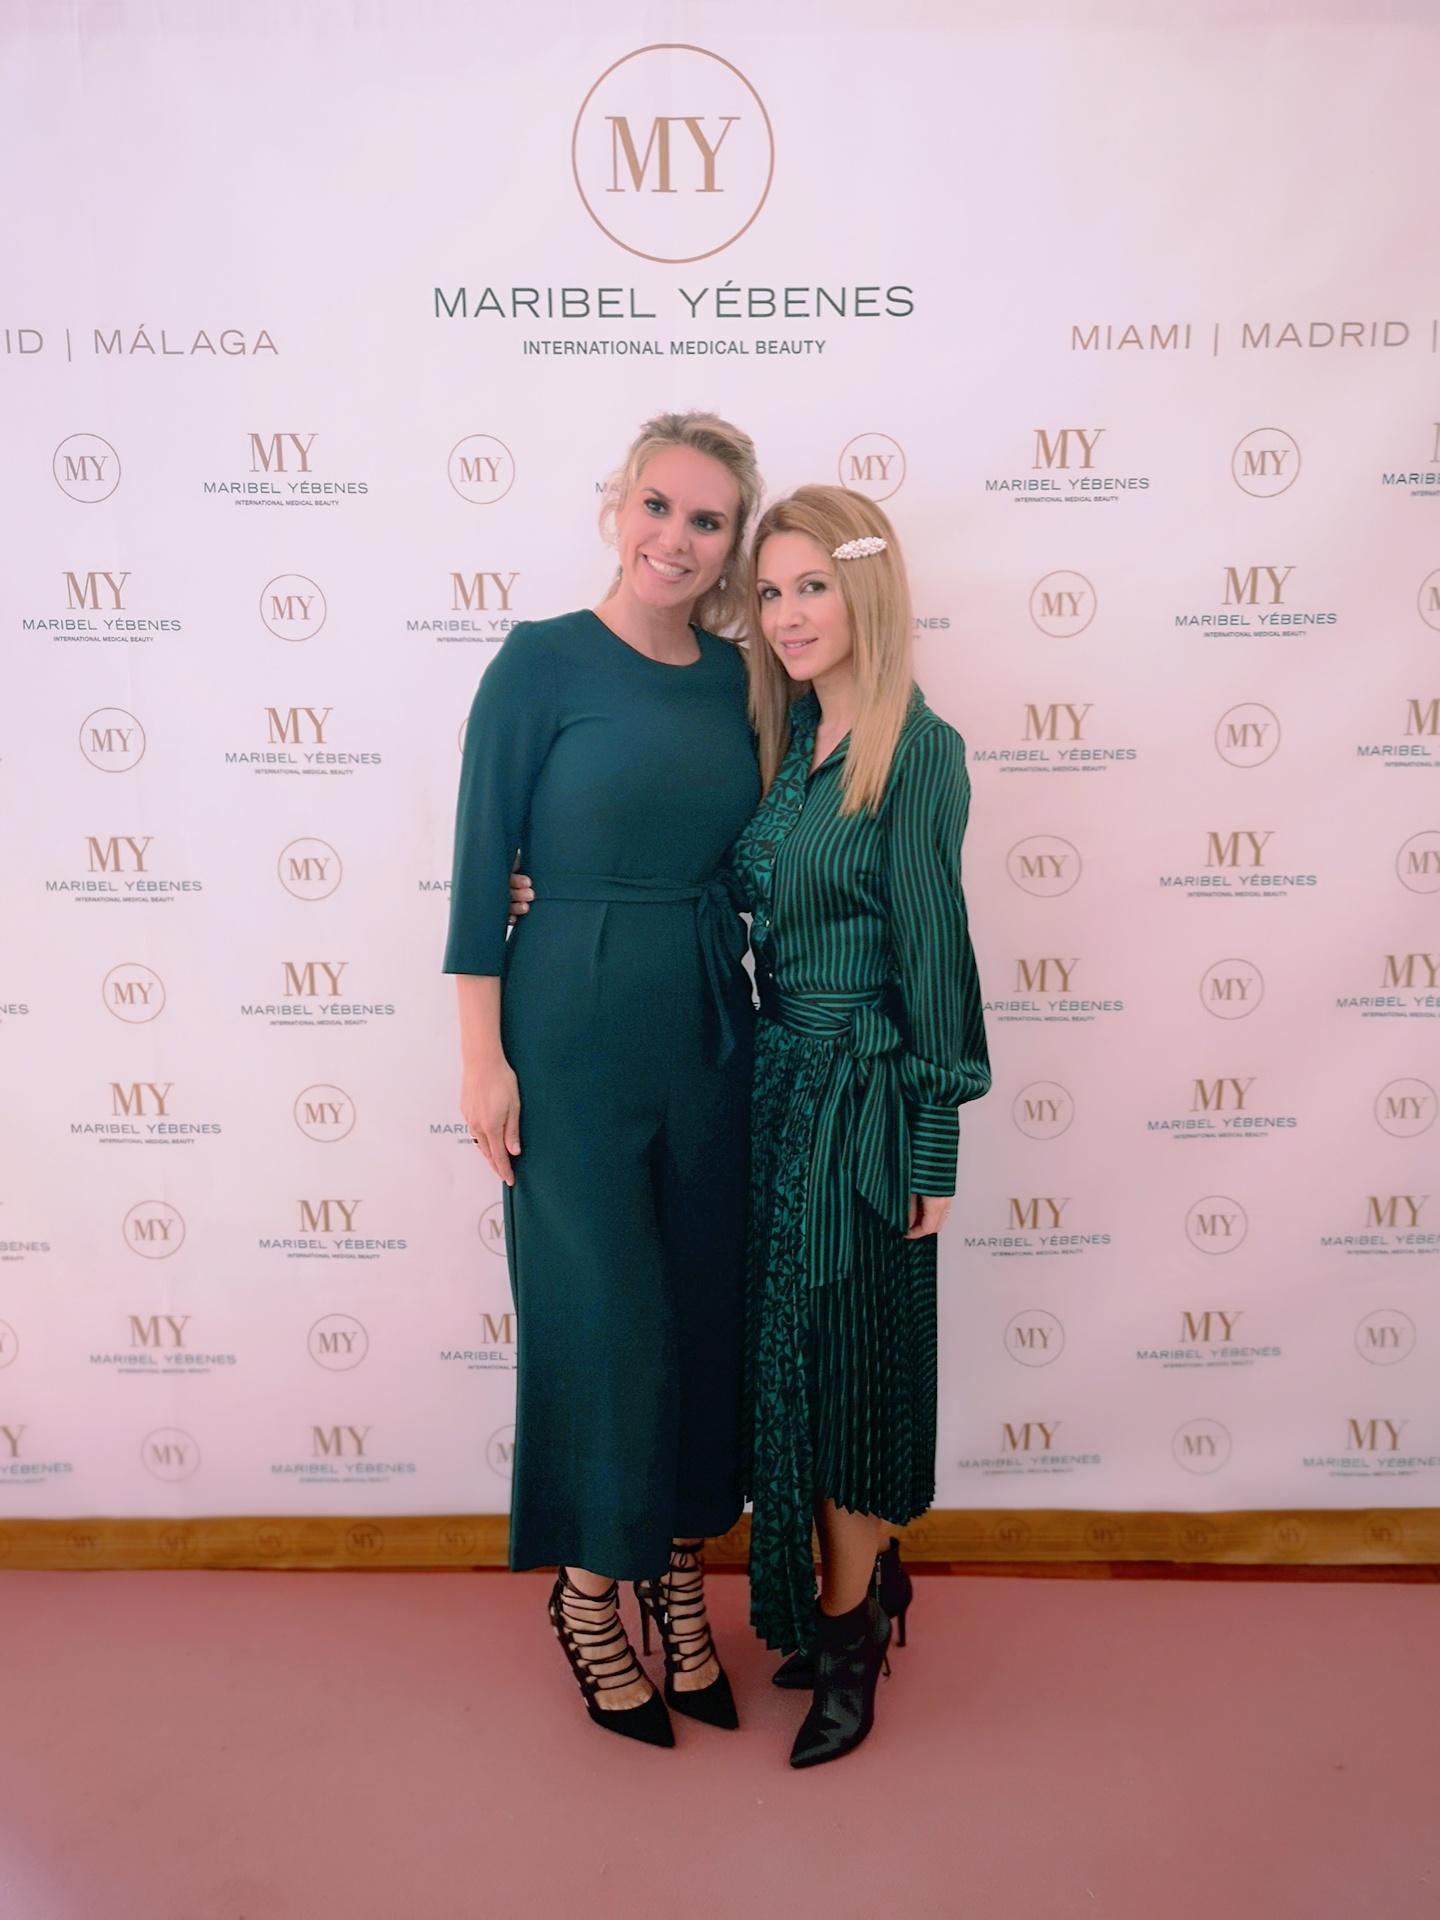 Elegantísima Myriam Yébenes, actual CEO de la marca.